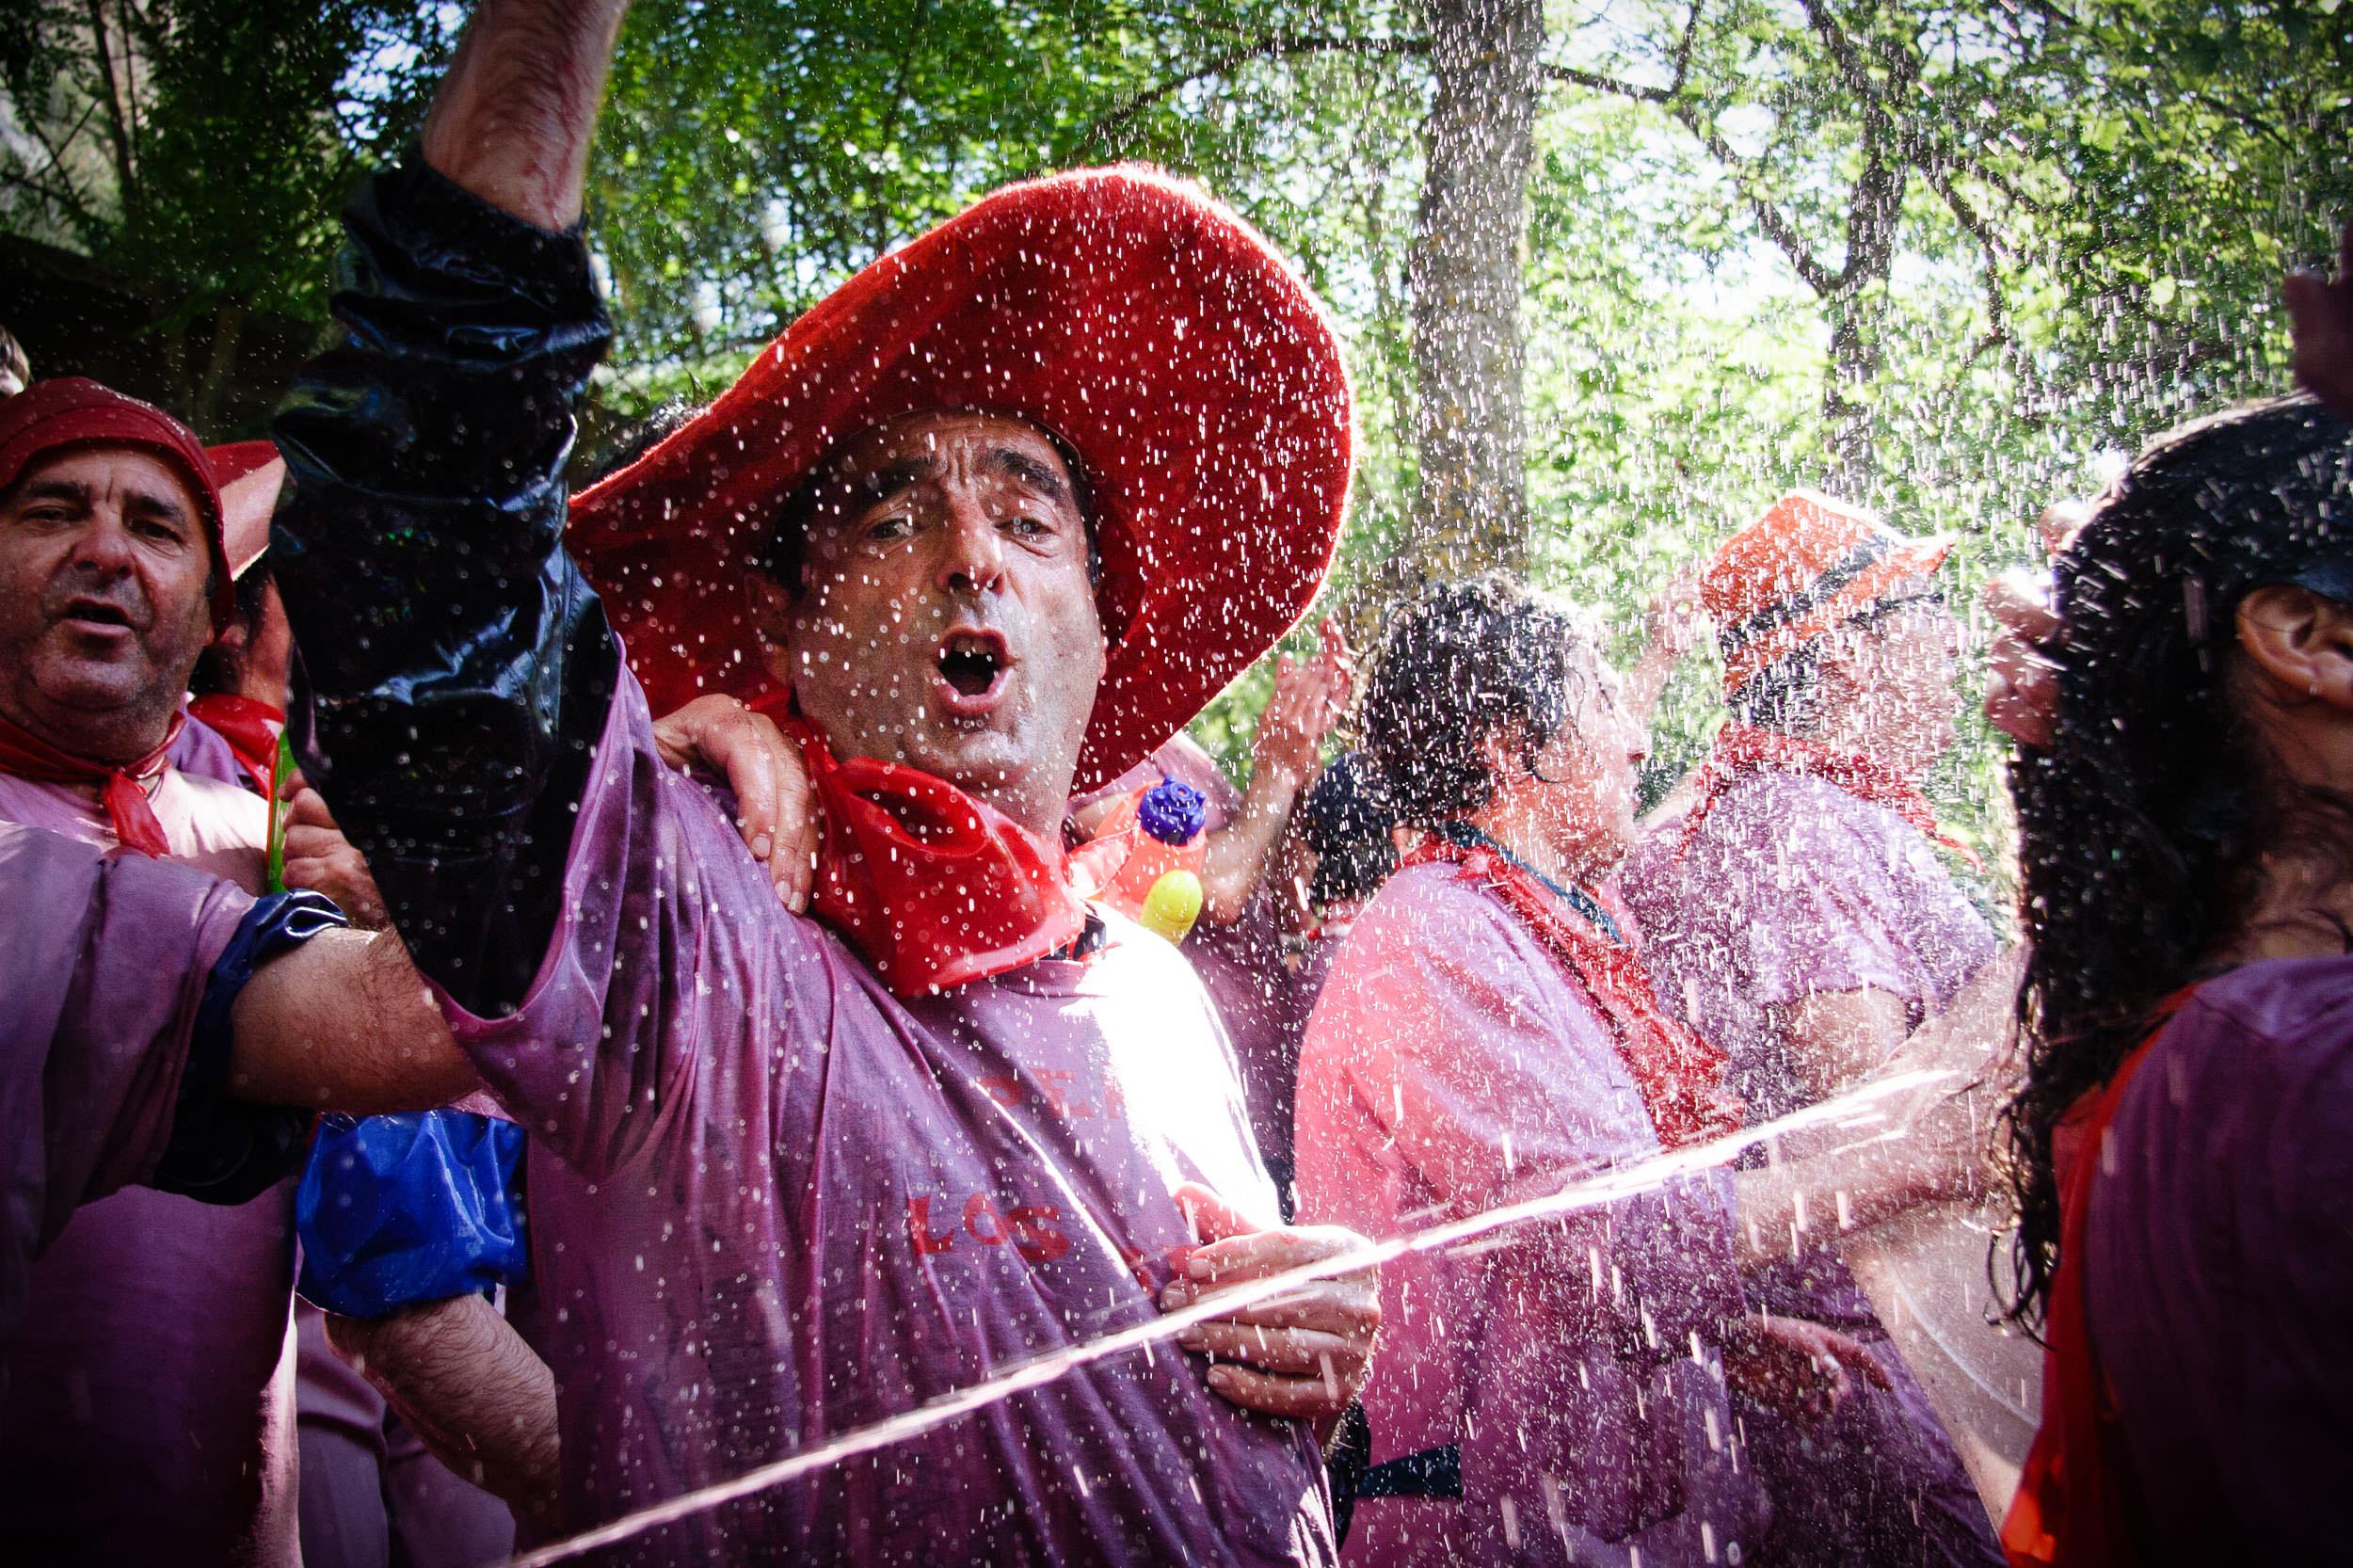 Fotografia Editorial Haro La Rioja España - La Batalla de Vino - James Sturcke Photographer | sturcke.org_001.jpg